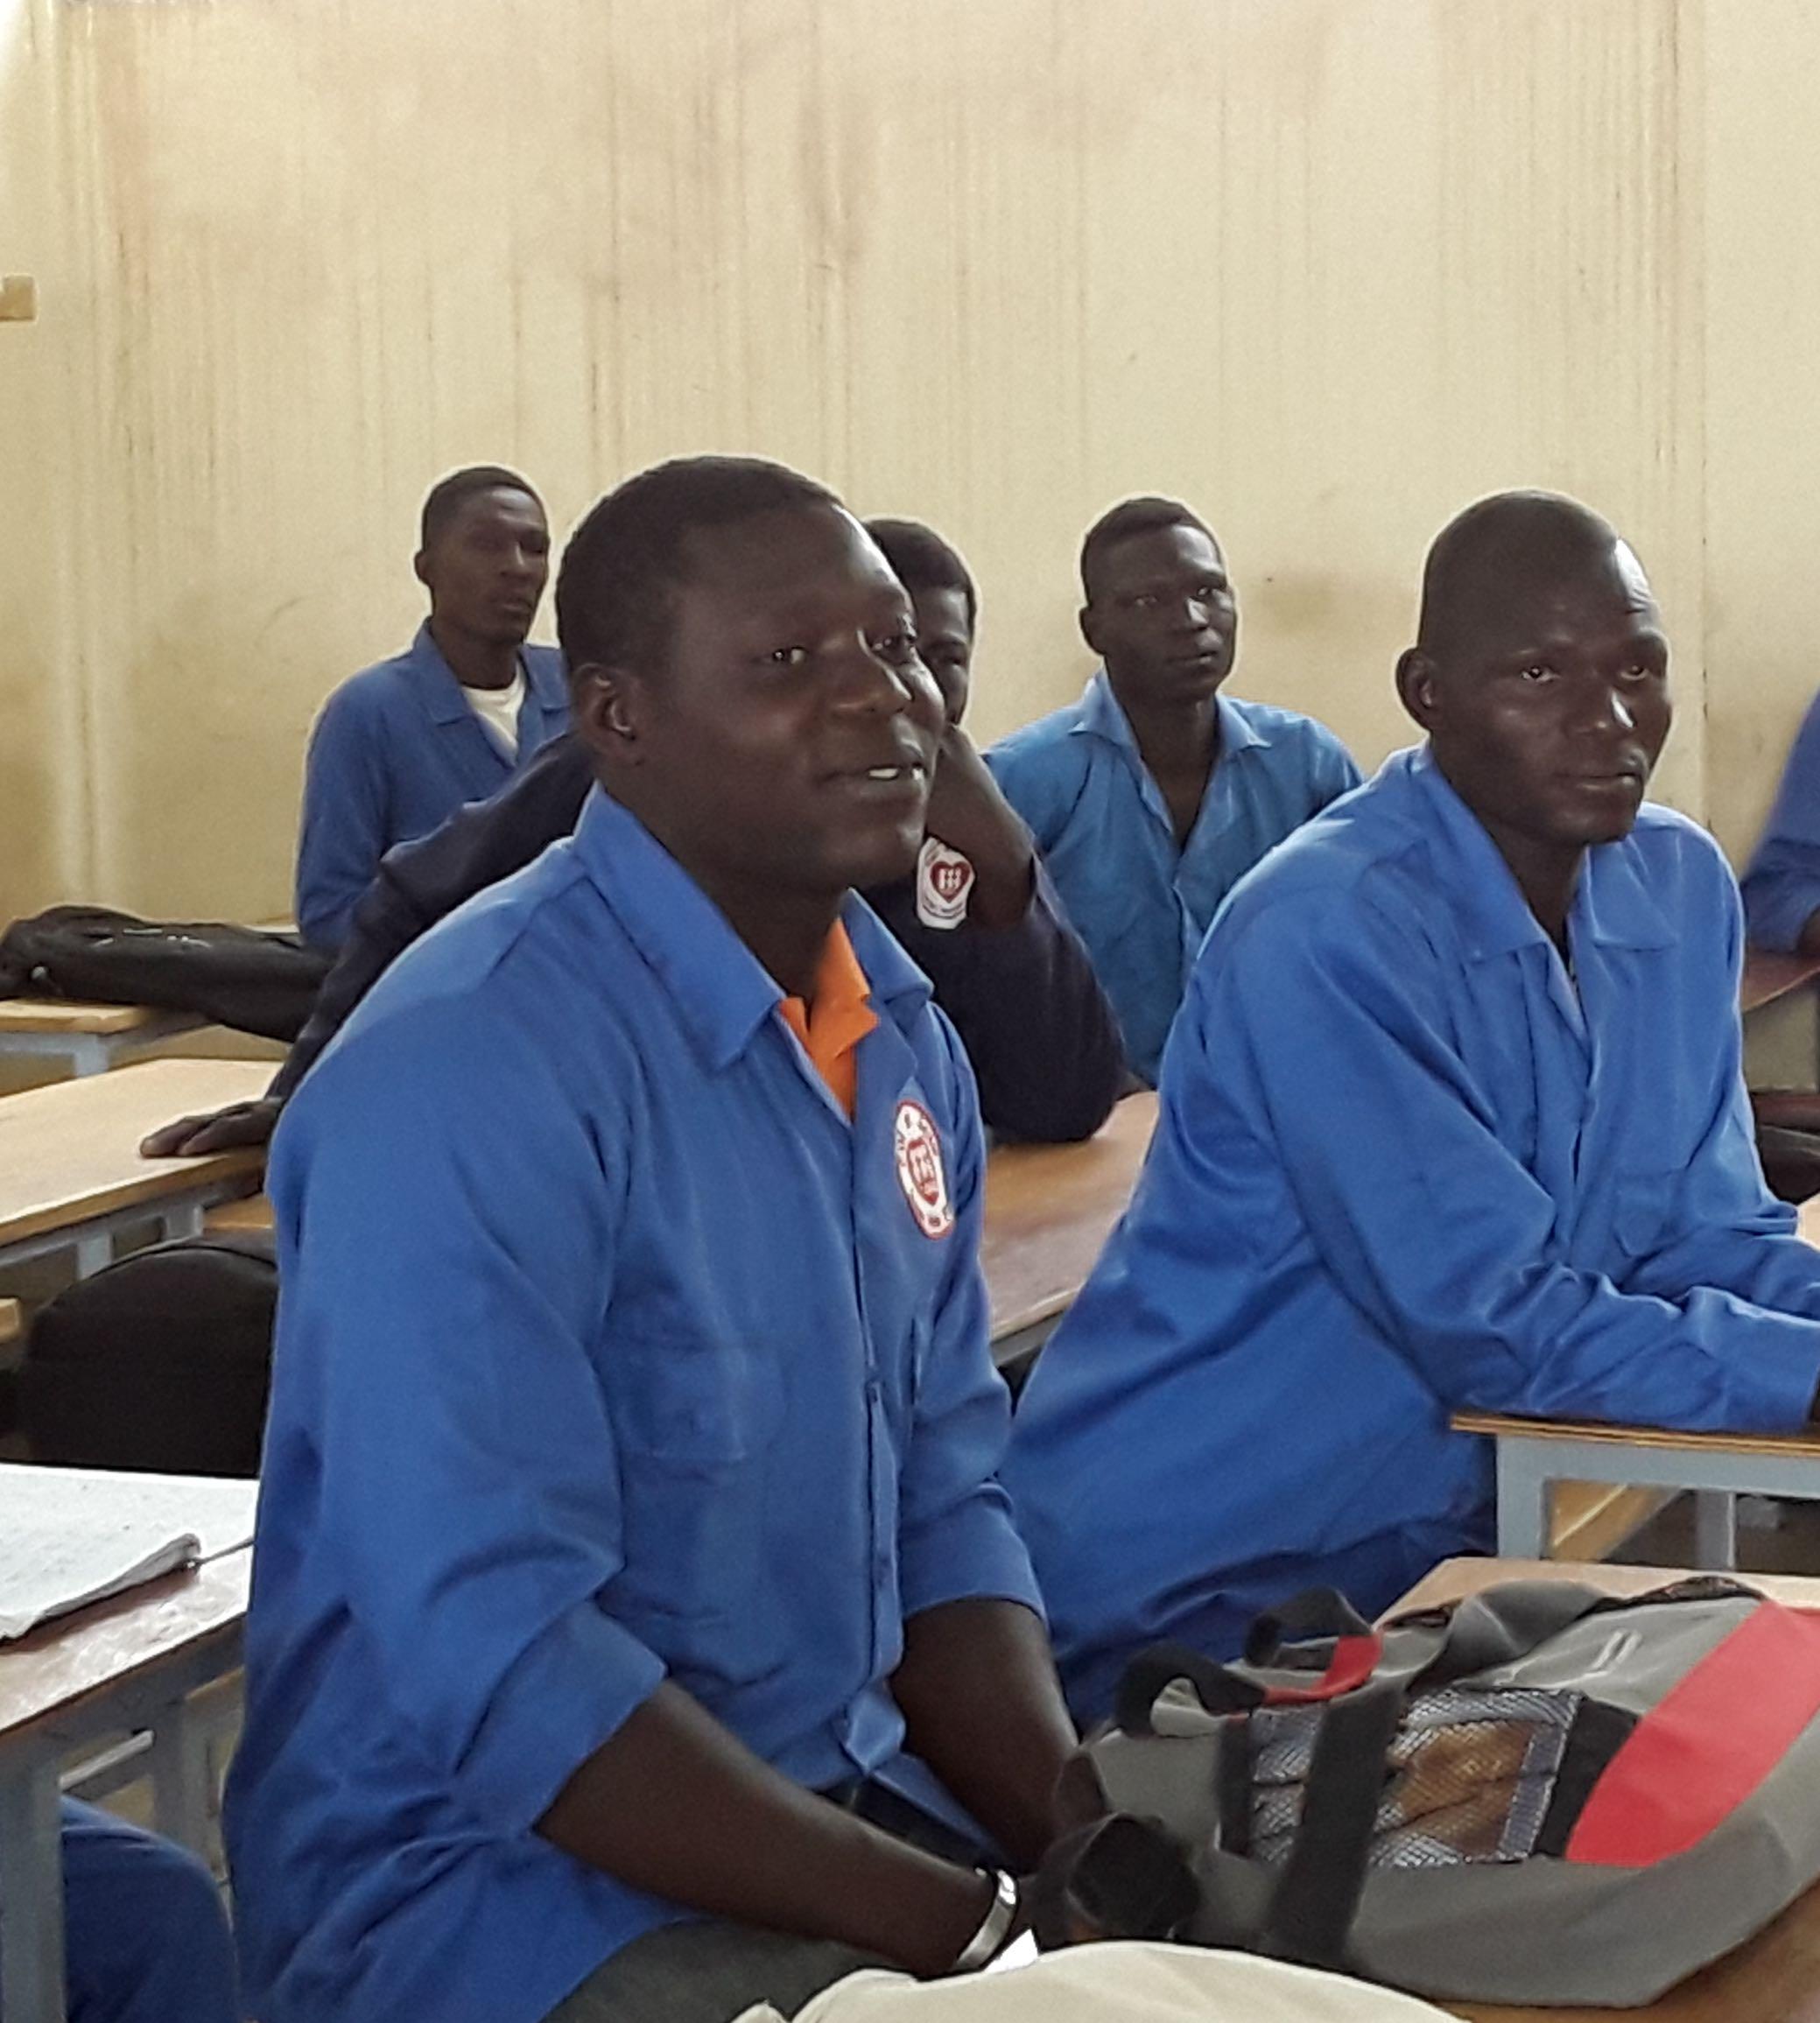 Un centro di formazione professionale a N'Djamena